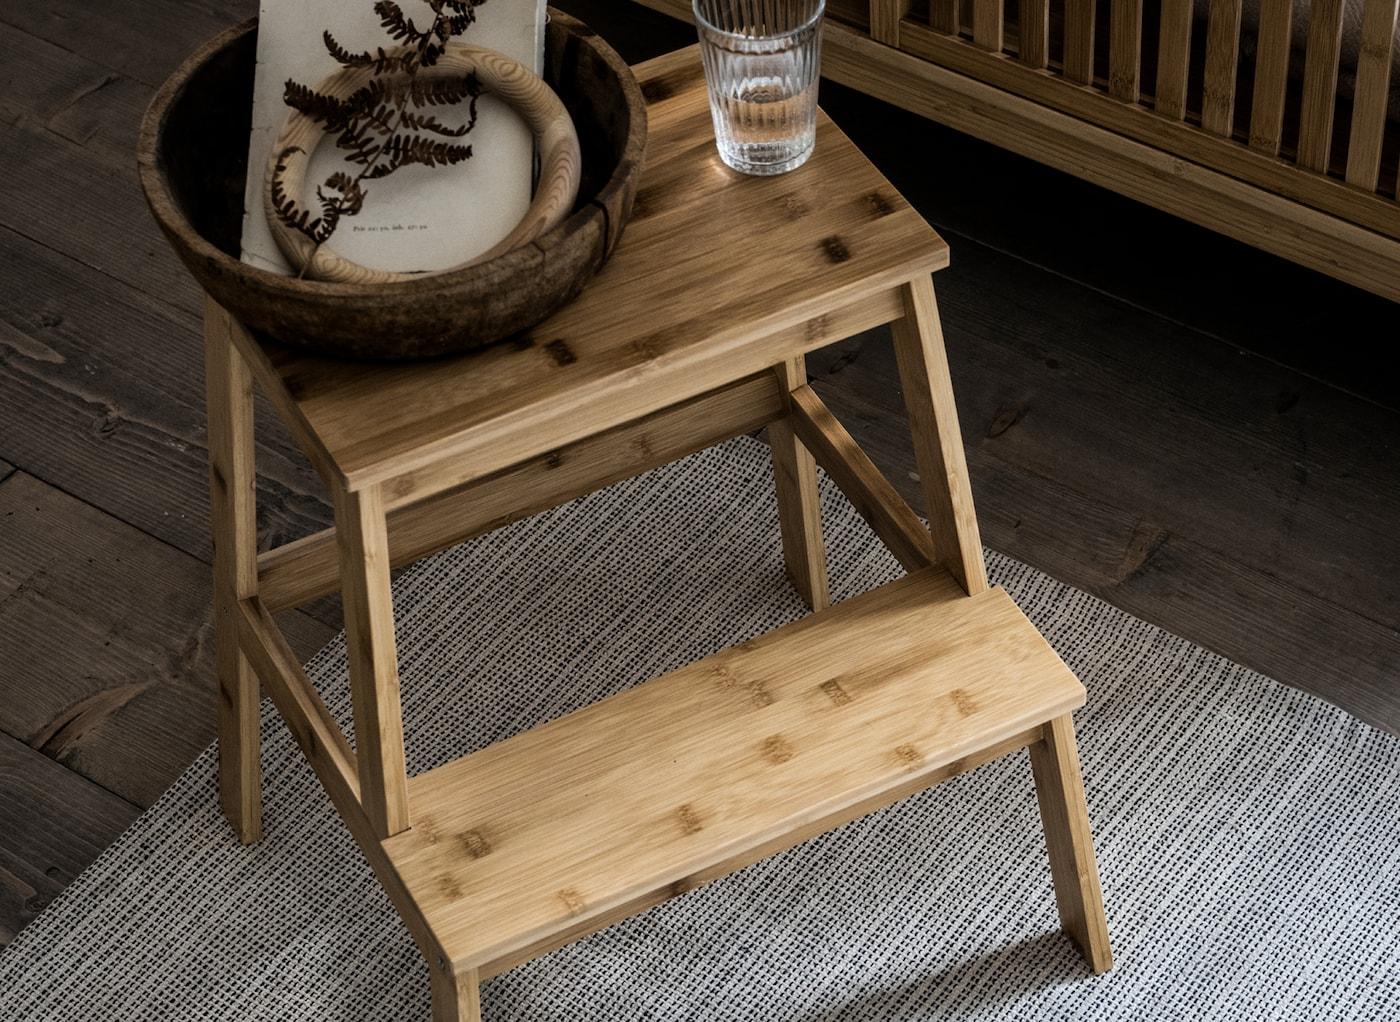 Una ciotola in bambù e un bicchiere in vetro trasparente sopra una scaletta/sgabello TENHULT di IKEA in bambù